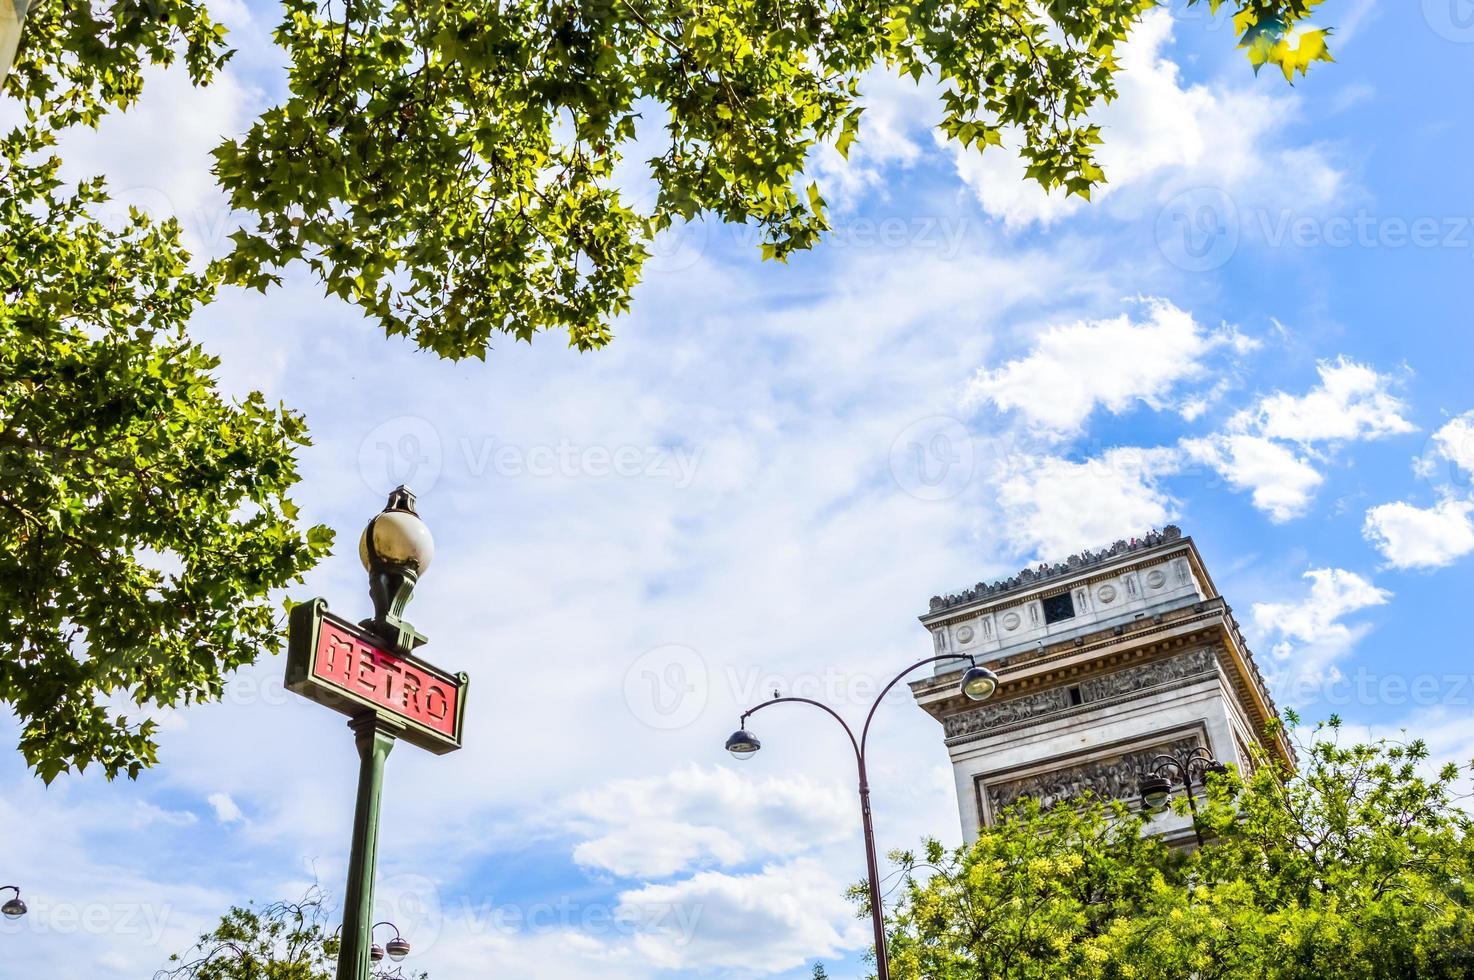 Metro sign in Paris in arc de triomphe monument photo